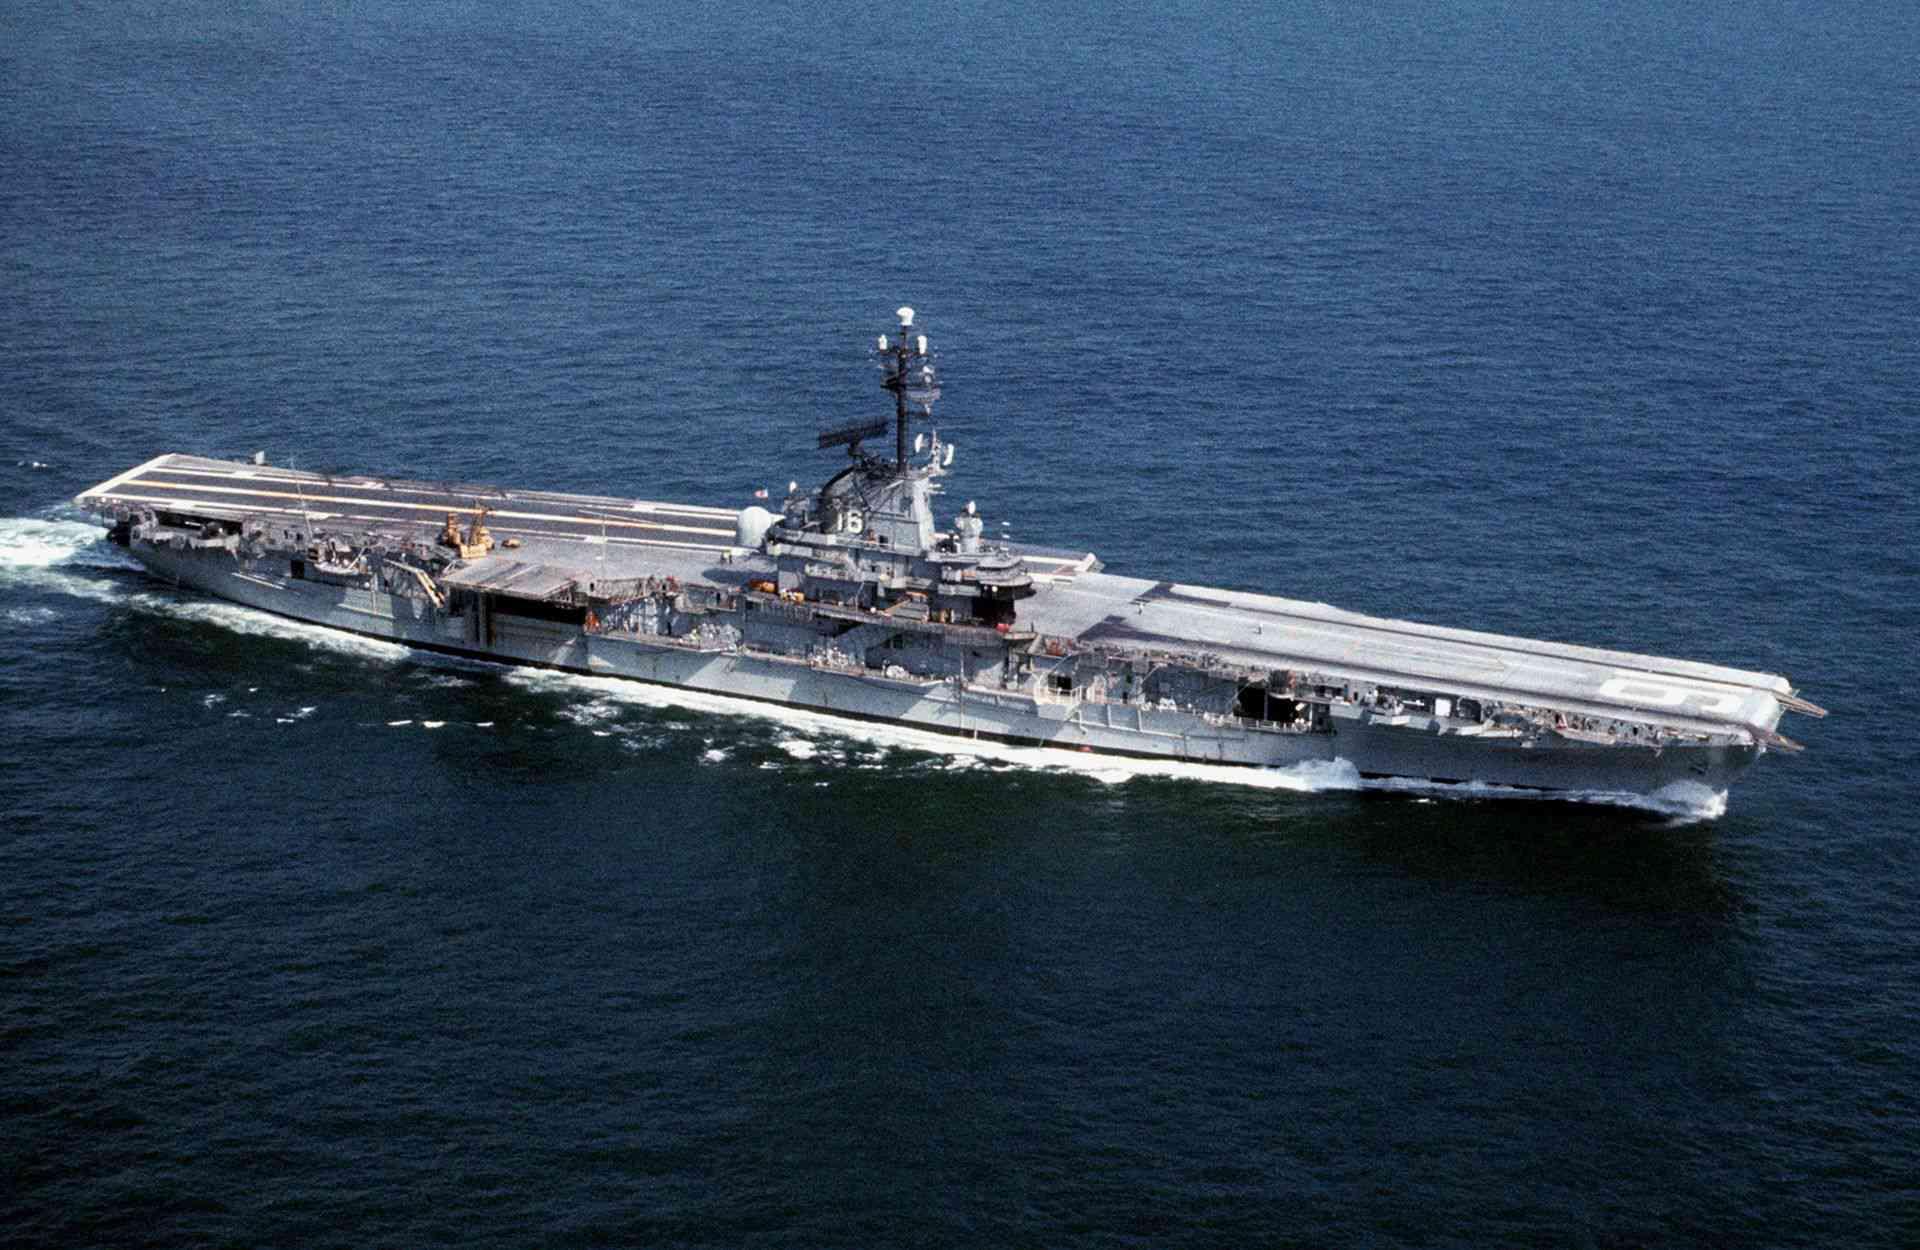 Aerial view of aircraft carrier USS Lexington (CV-16).